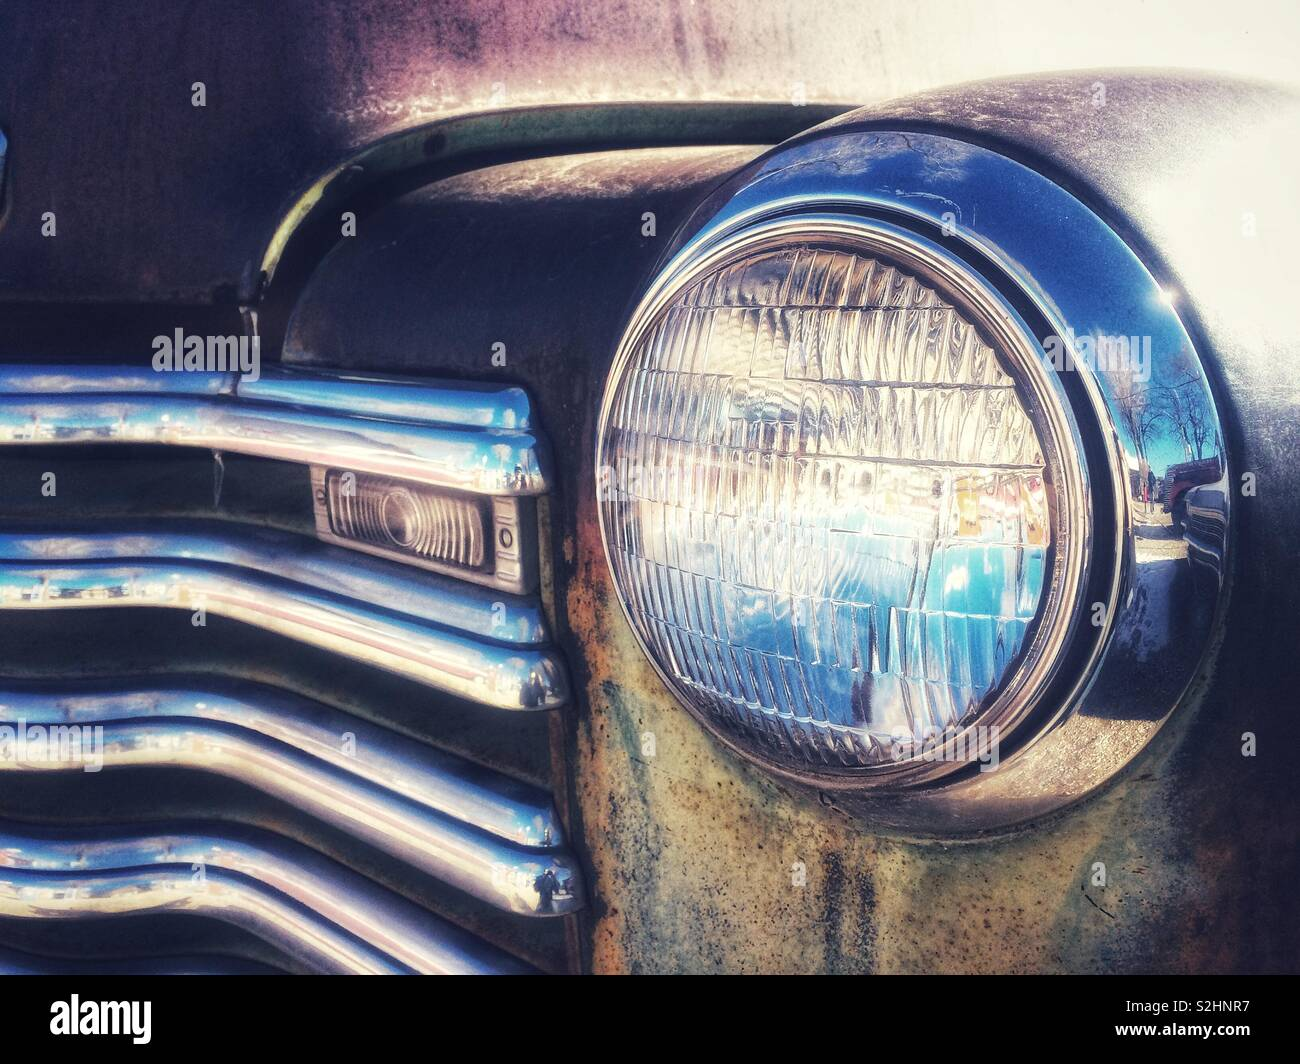 Un toque de azul cielo reflexión sobre este viejo coche. Imagen De Stock